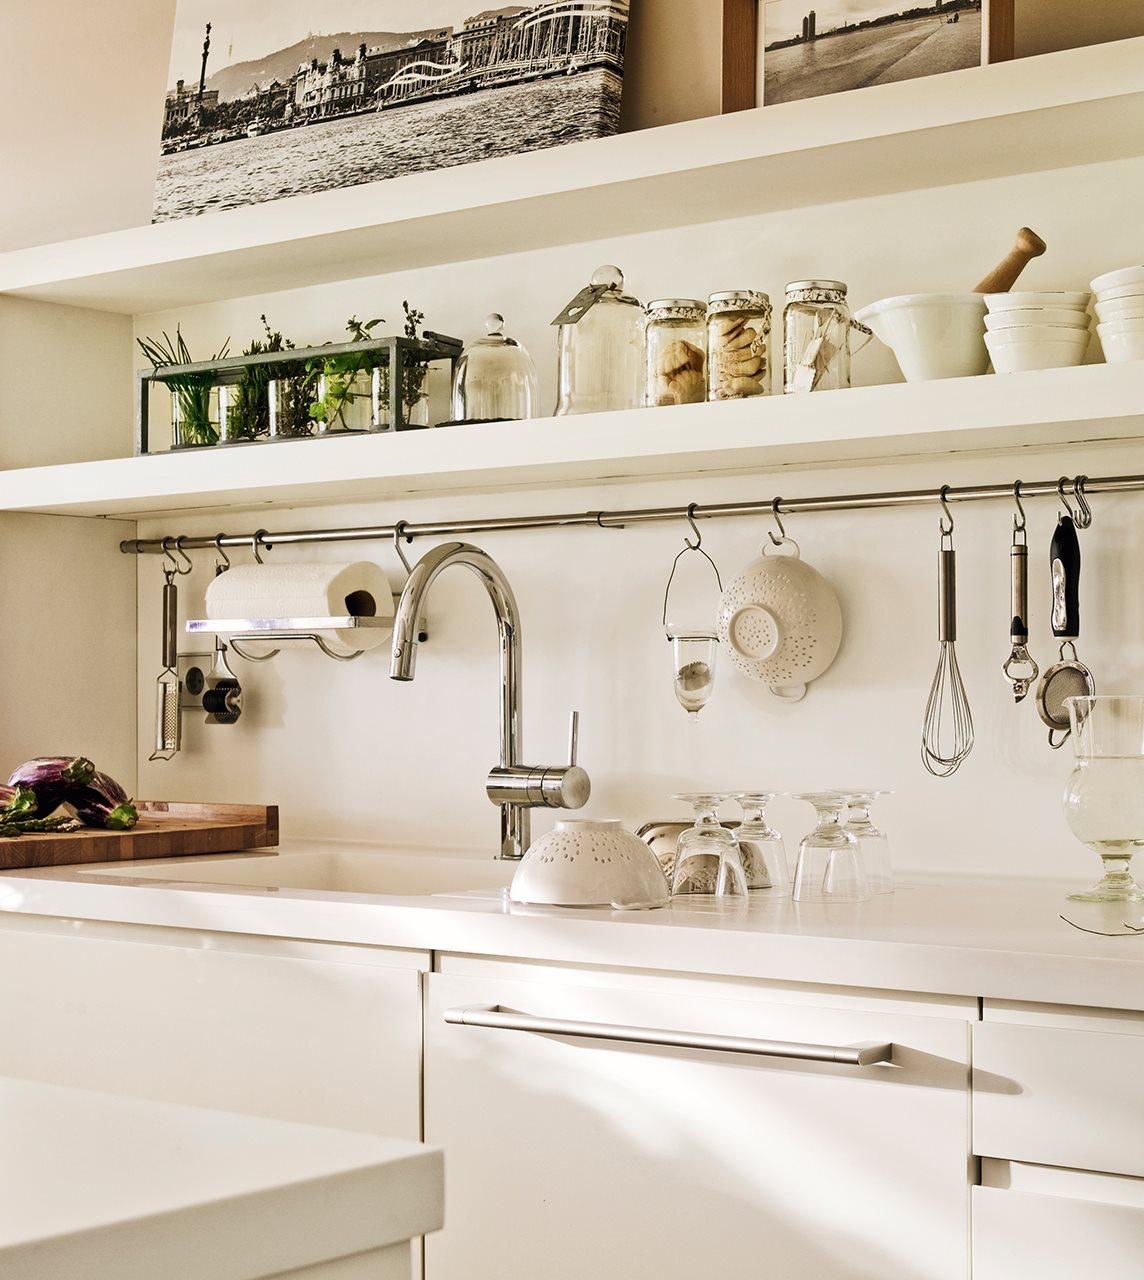 La cocina de los mil cajones for Colgar utensilios de cocina